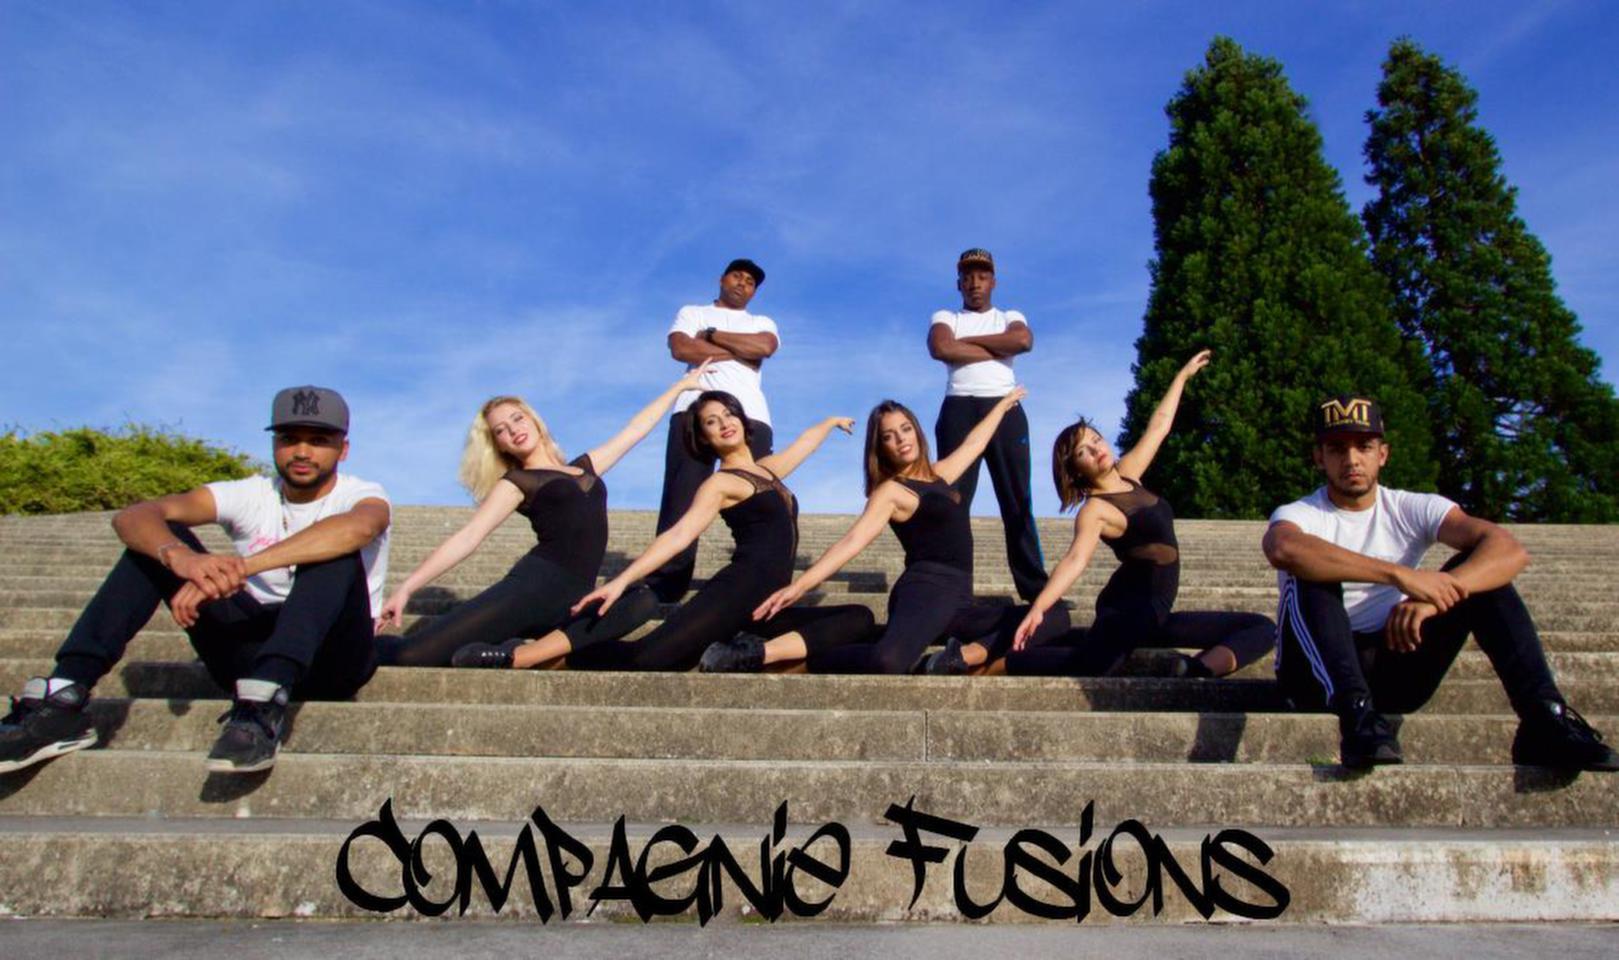 Lancement officiel de la Compagnie Fusions. Ce regroupement de Bboy et de danseuses Moderne à pour objectifs de fusionner leurs 2 styles de danses au sein d'une même chorégraphie. Facebook : Compagnie Fusions !